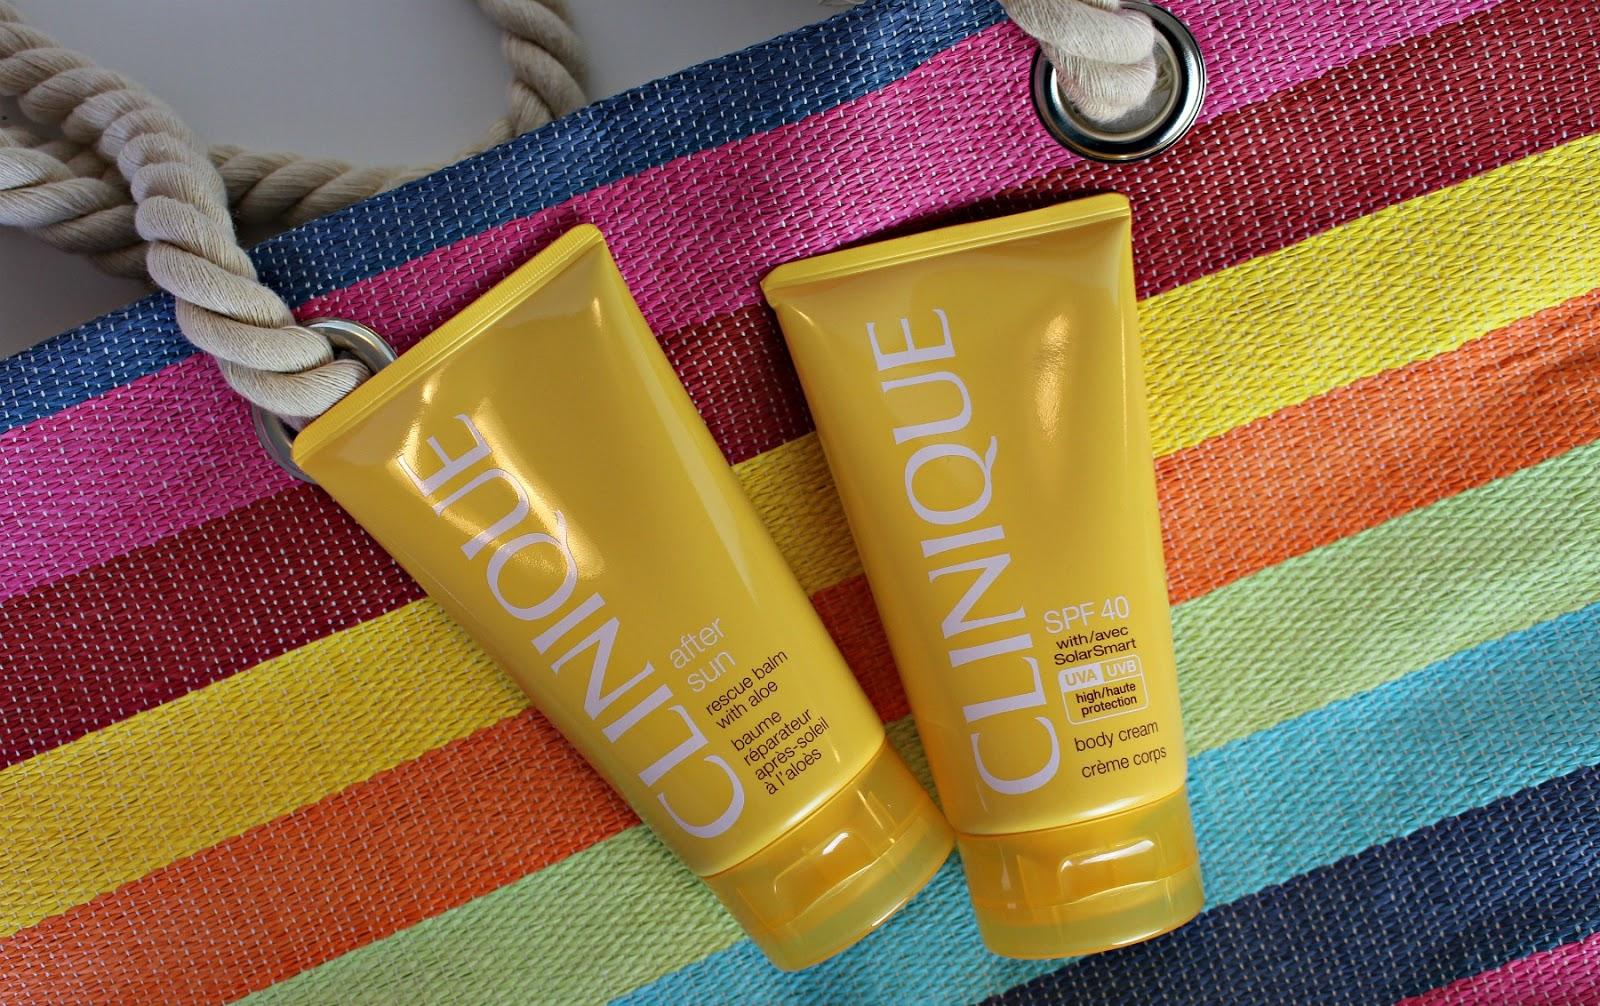 Clinique zonnecrème en aftersun